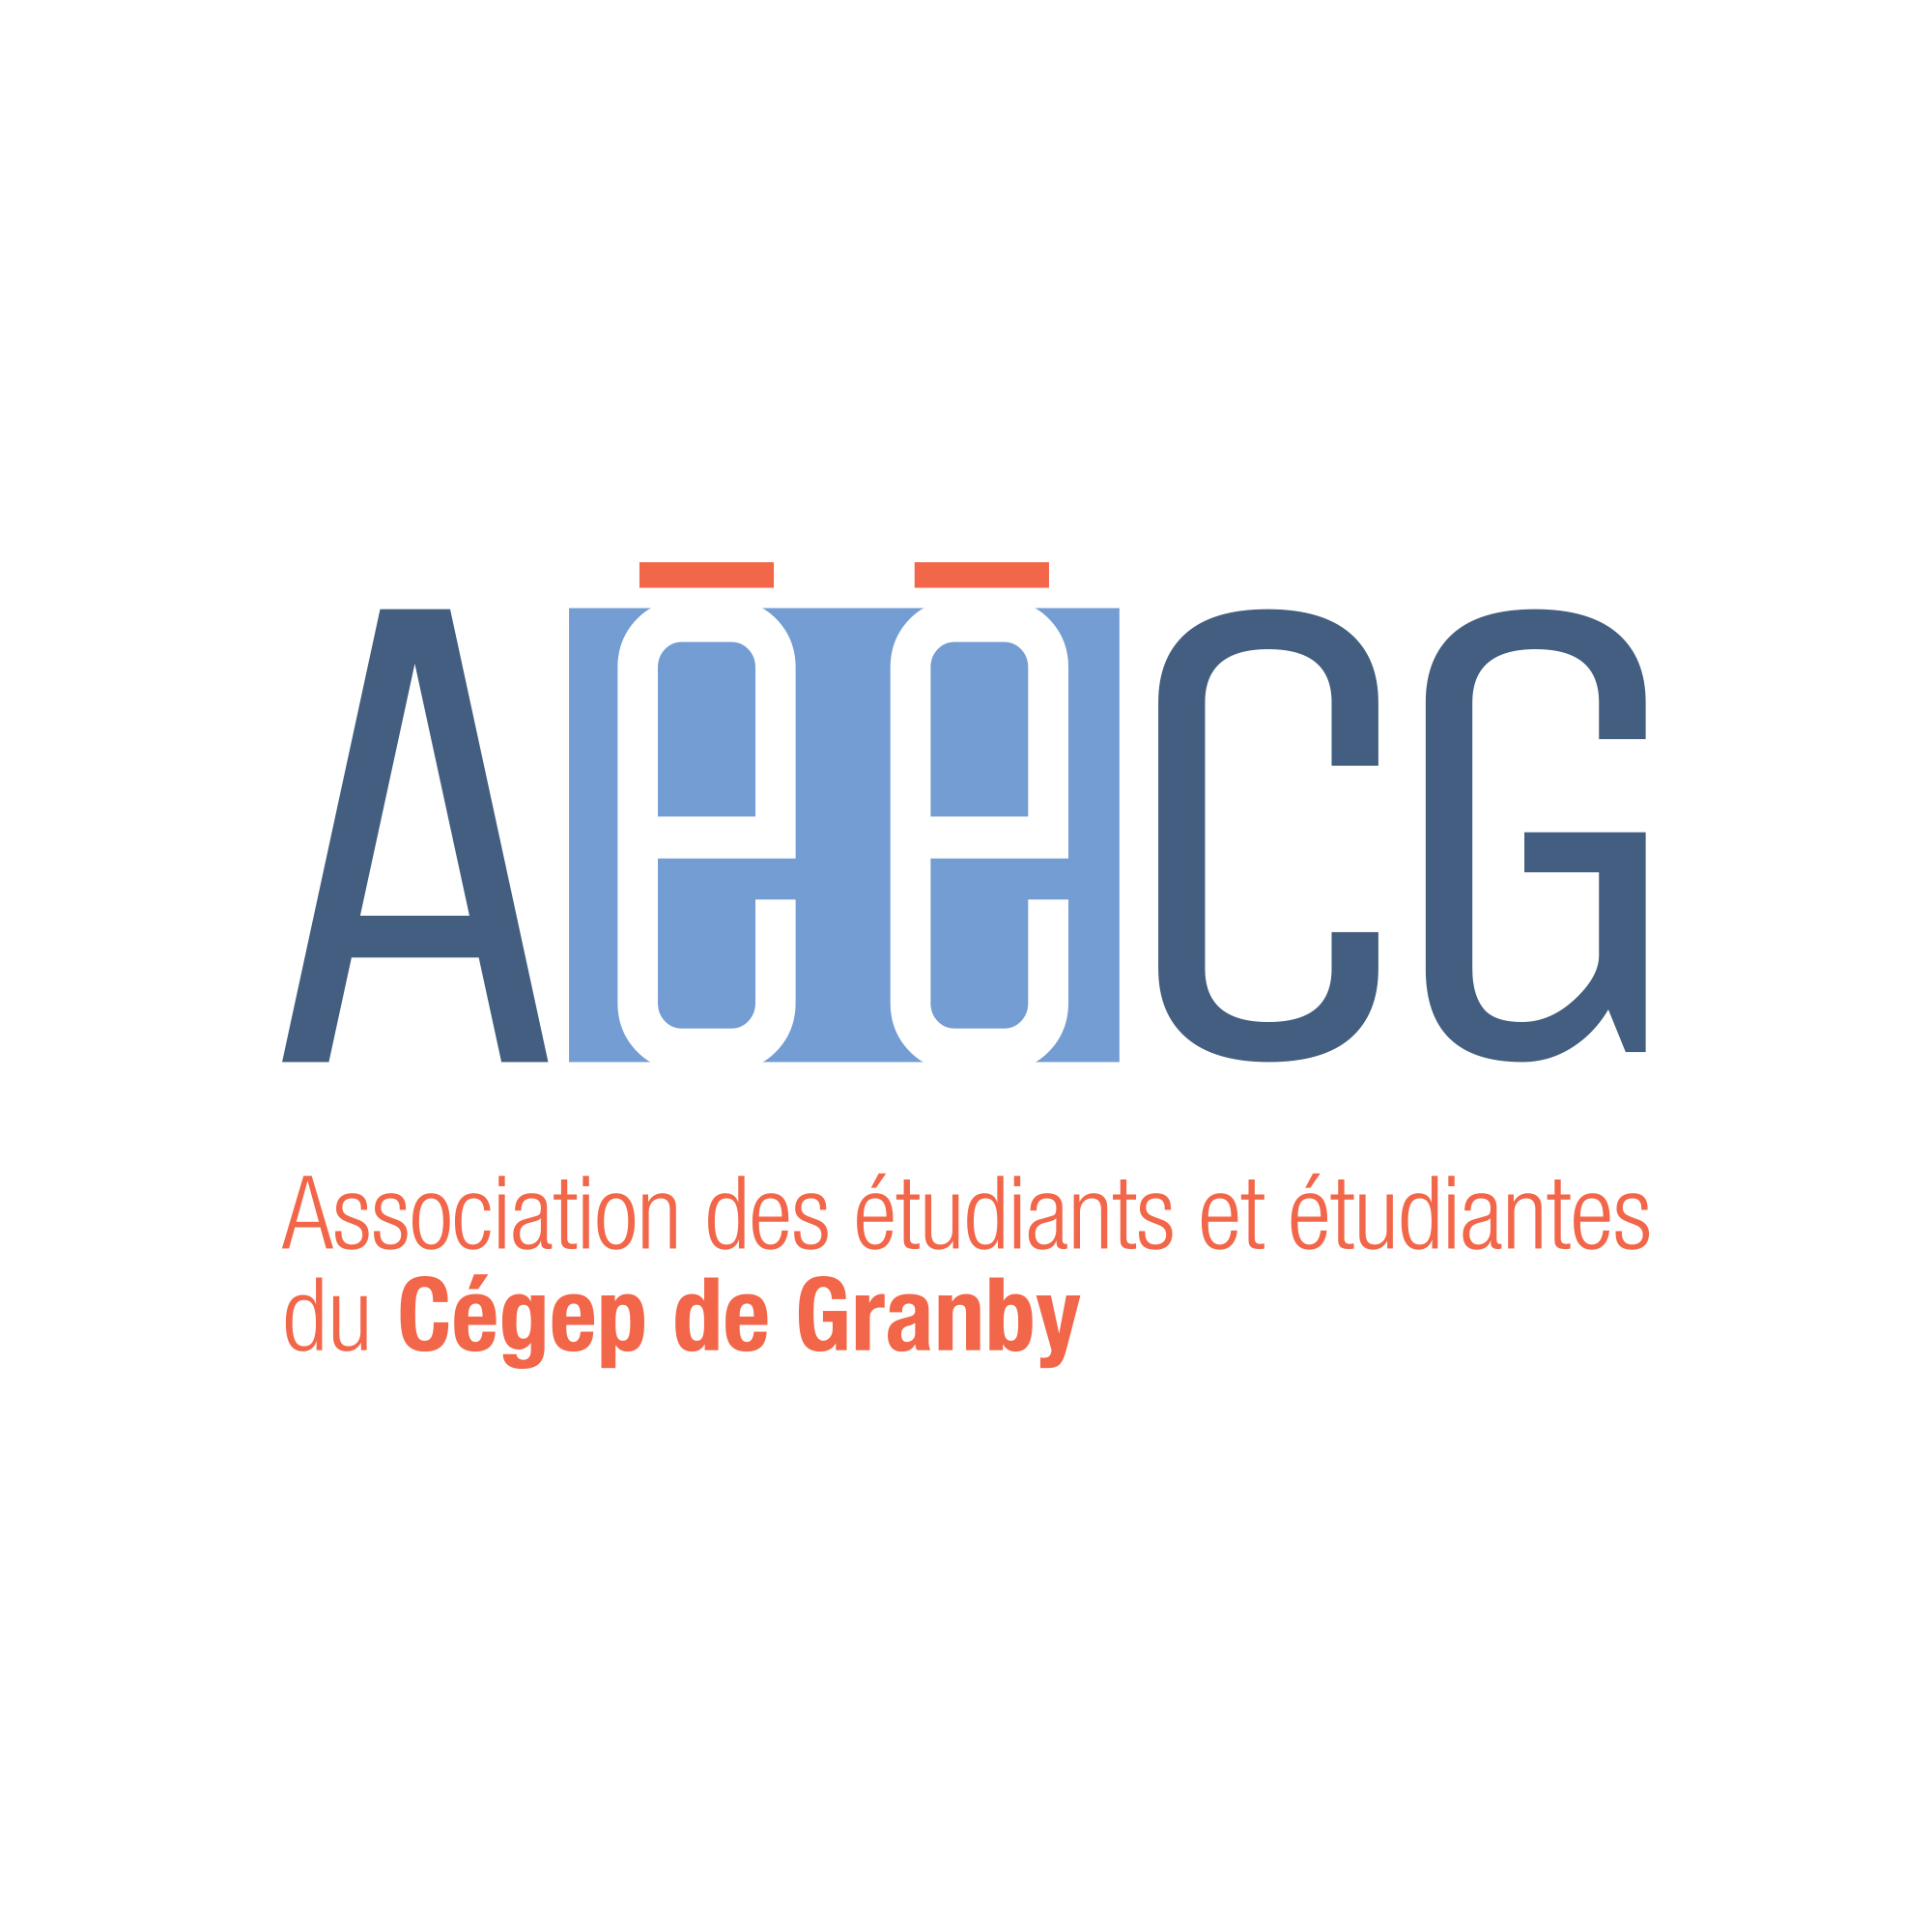 AEECG_Logo.jpg